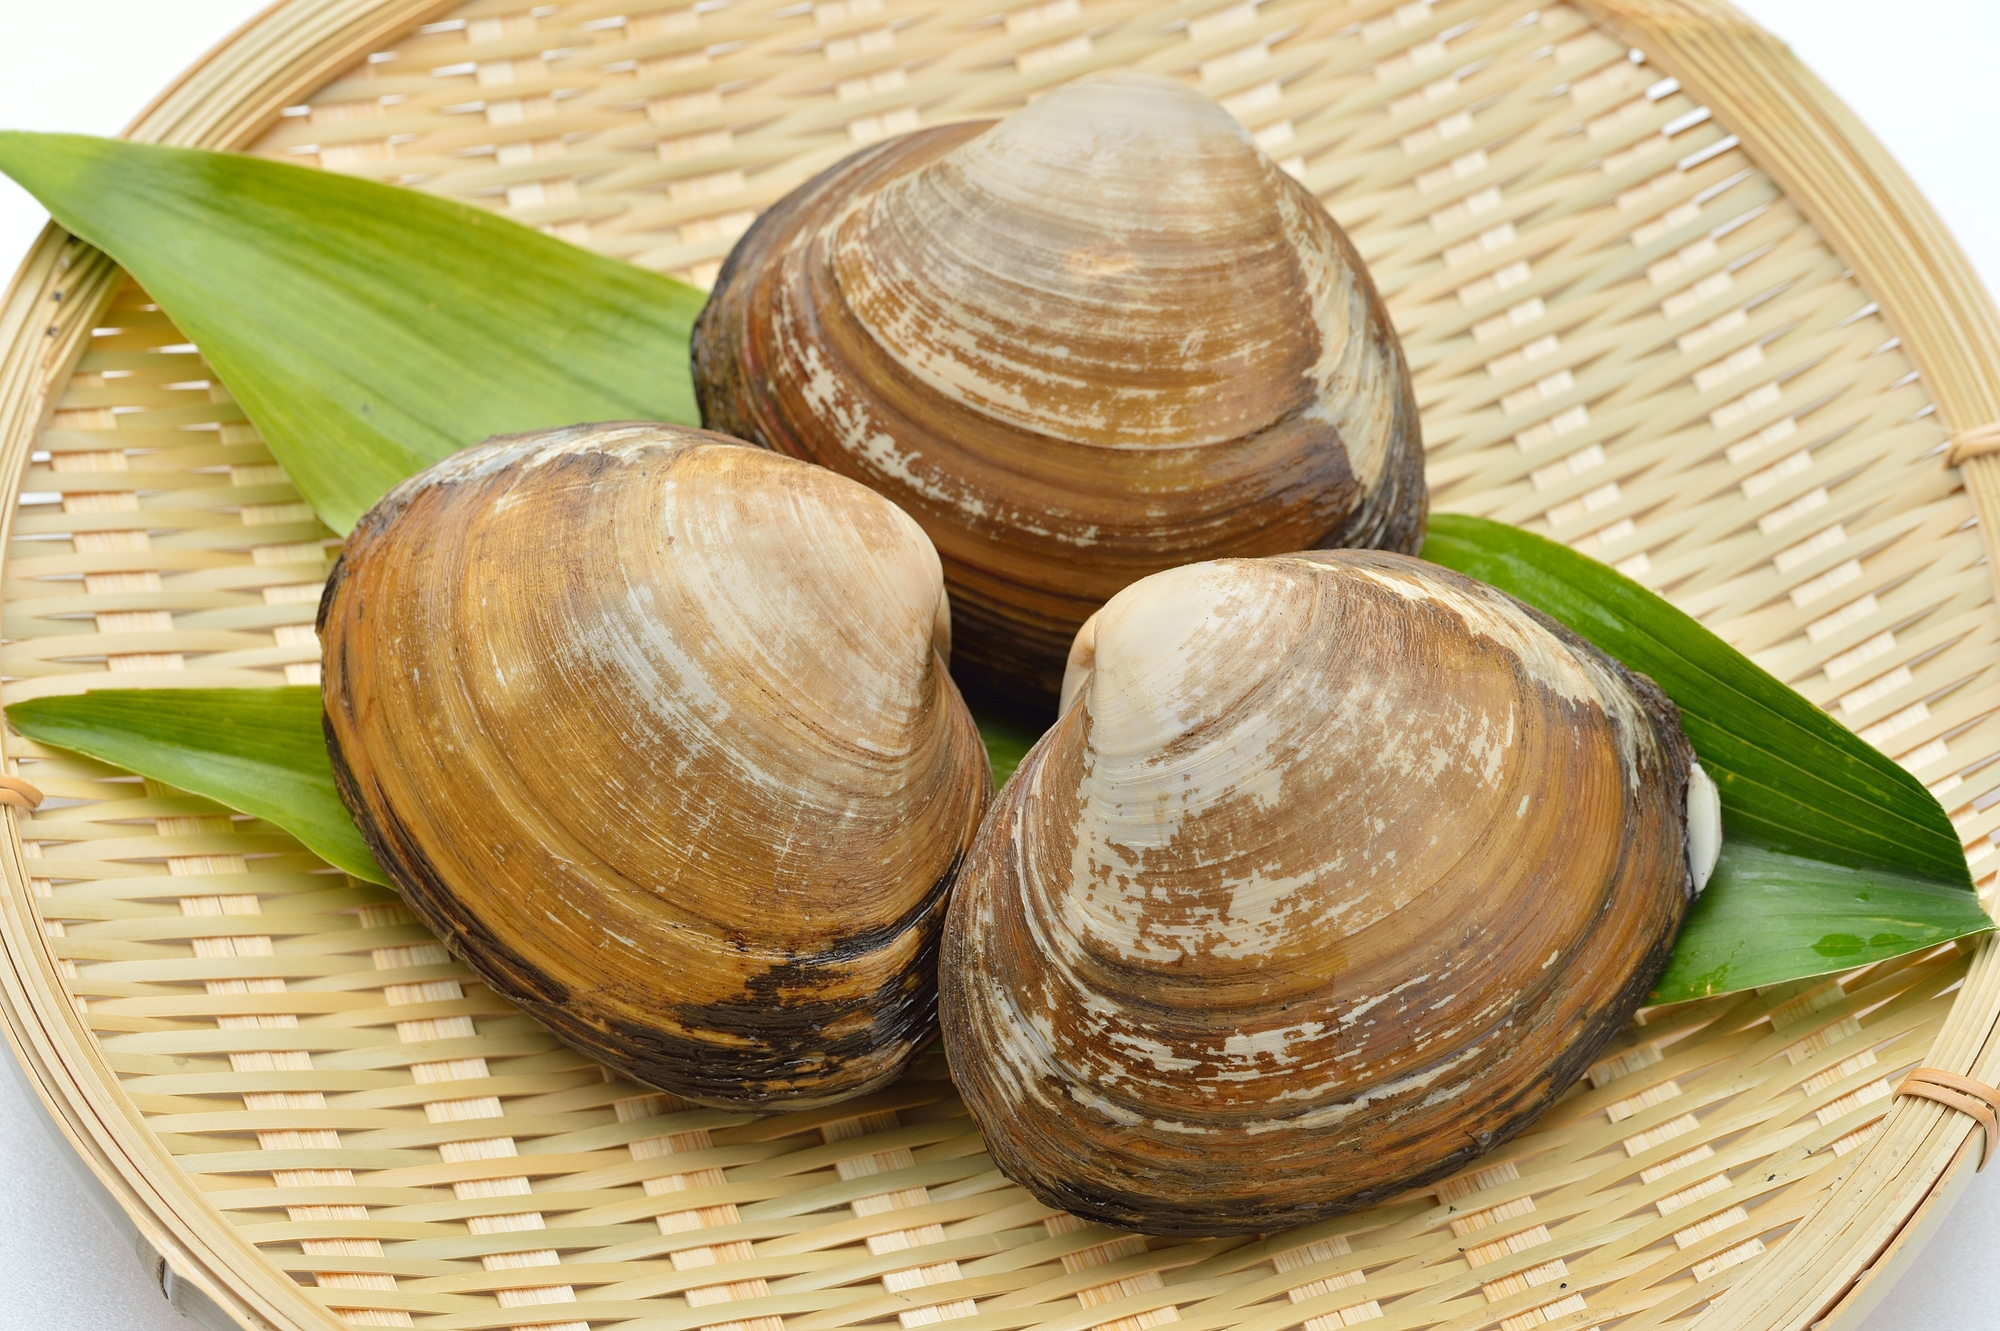 北寄貝、ほっき貝、ホッキ貝、ホッキガイ。国産。活貝で未加熱です。